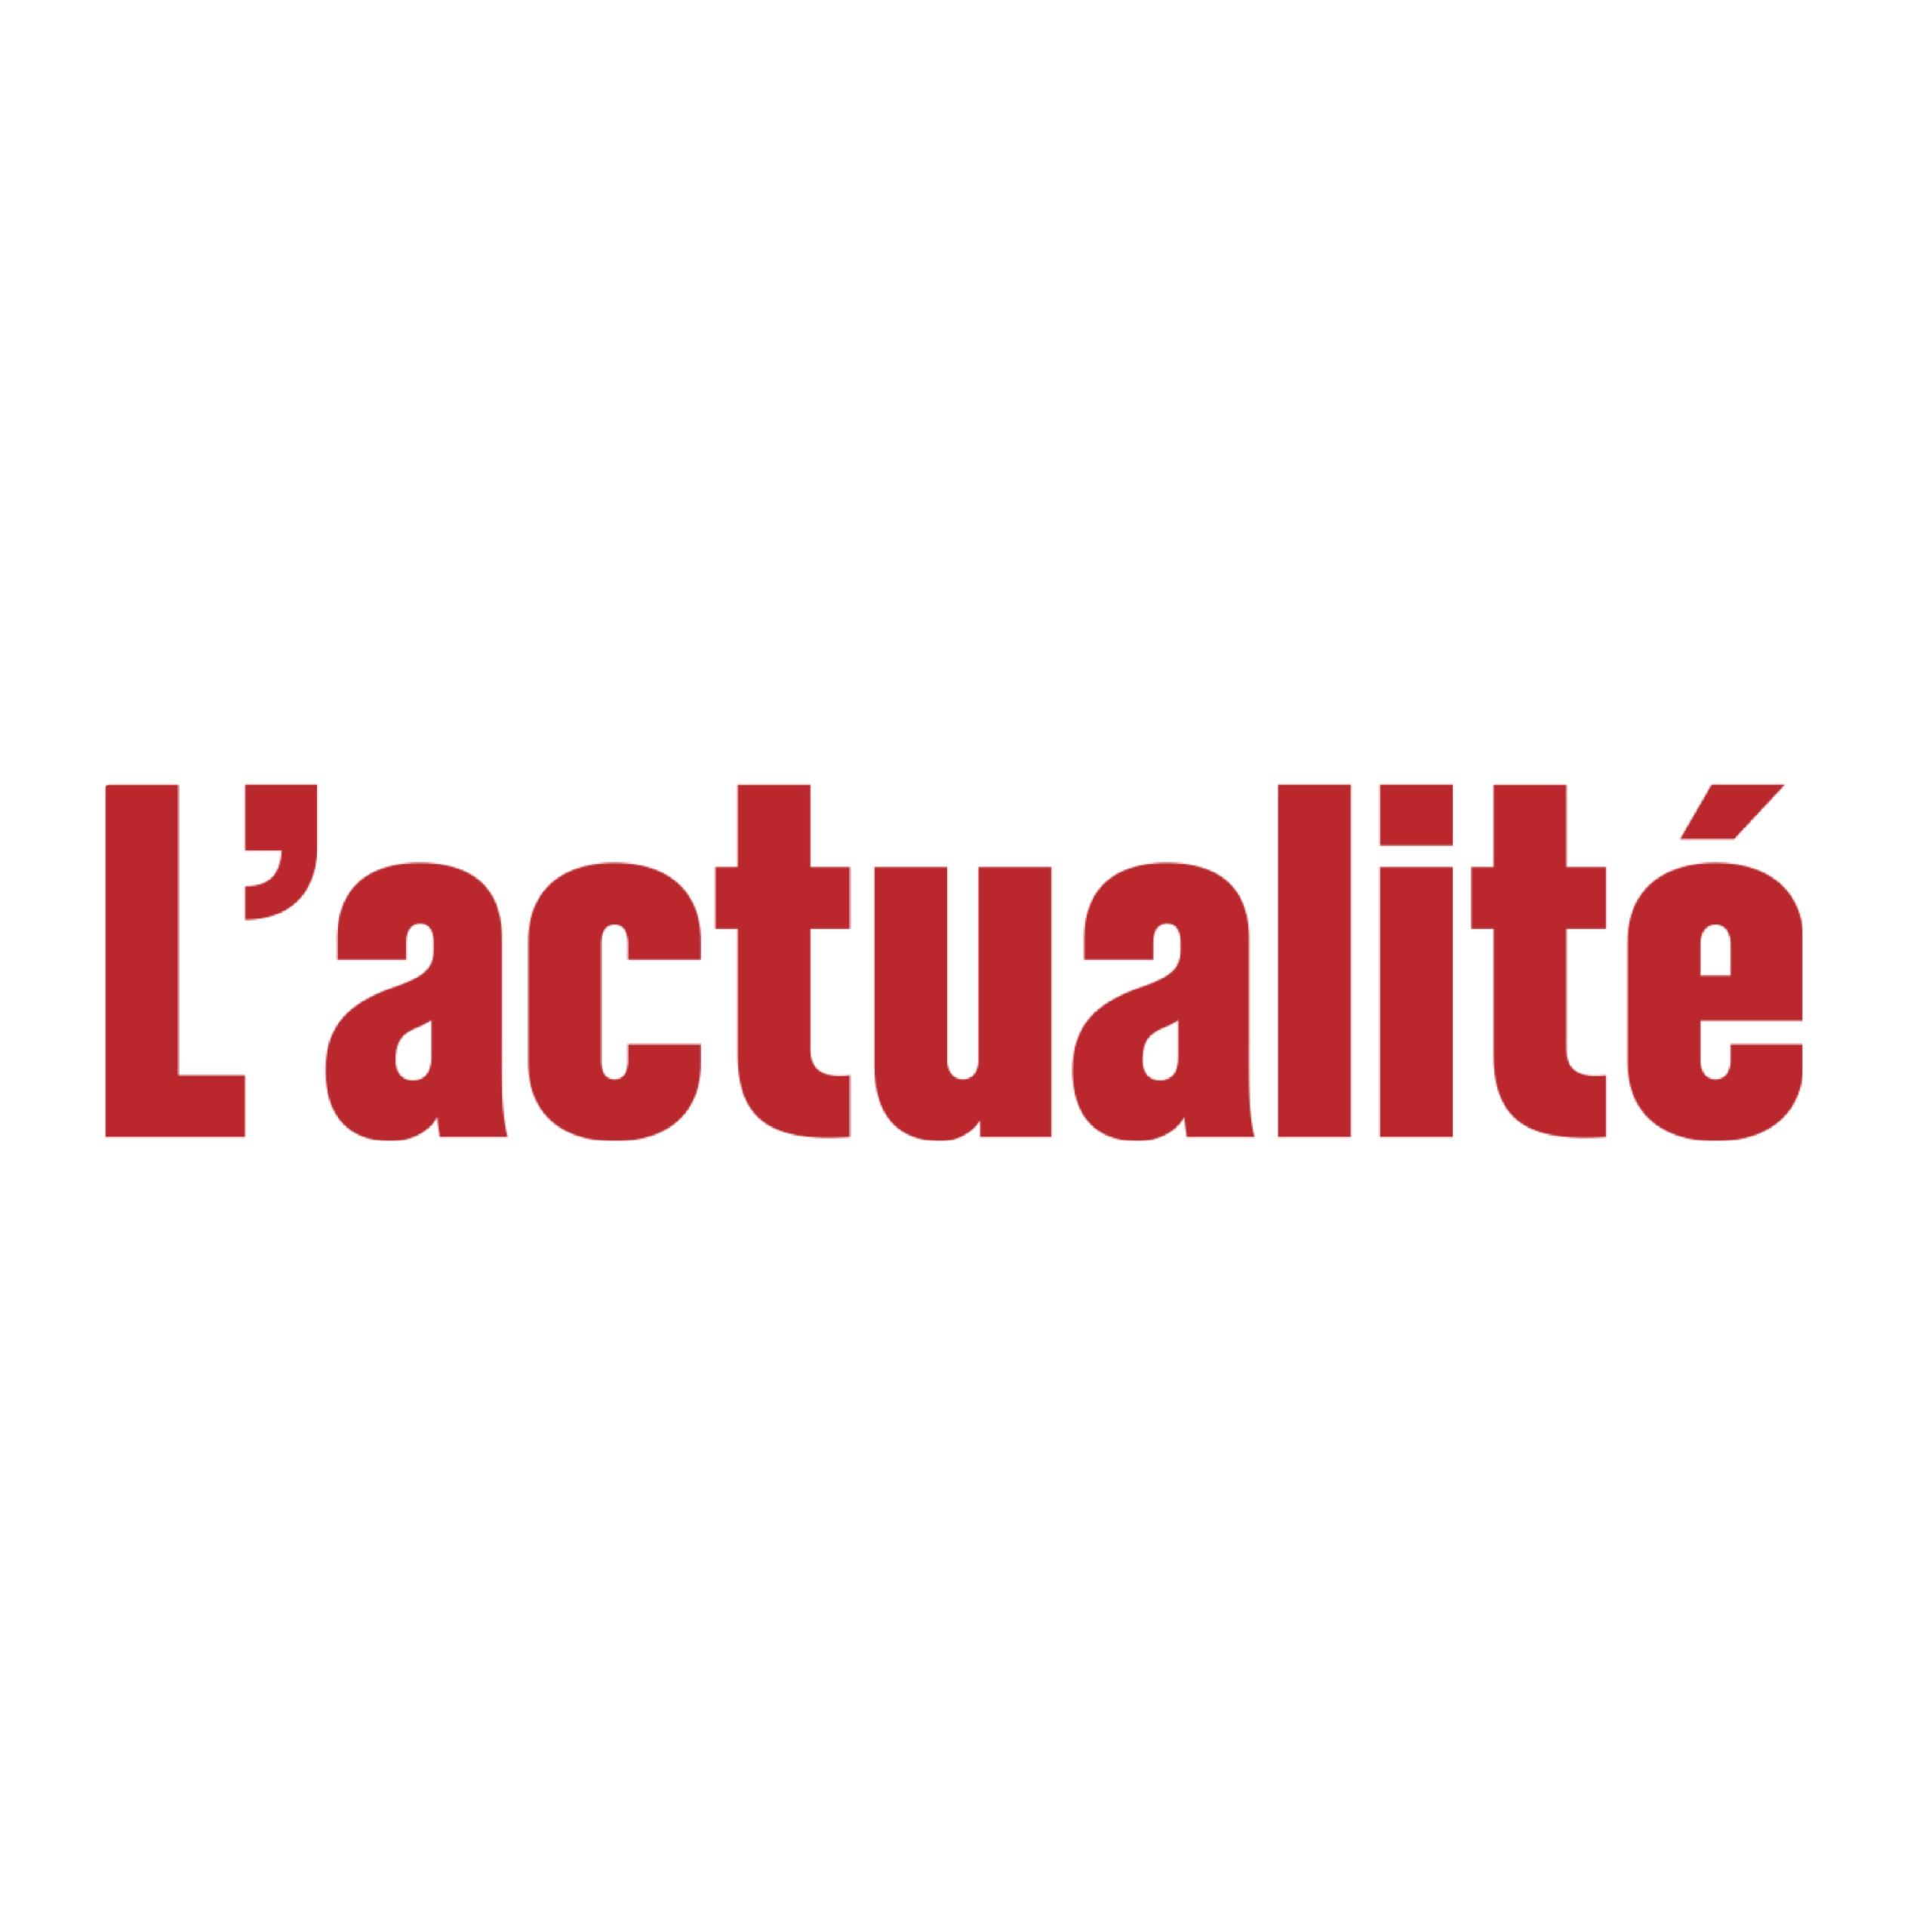 logo_lactualite